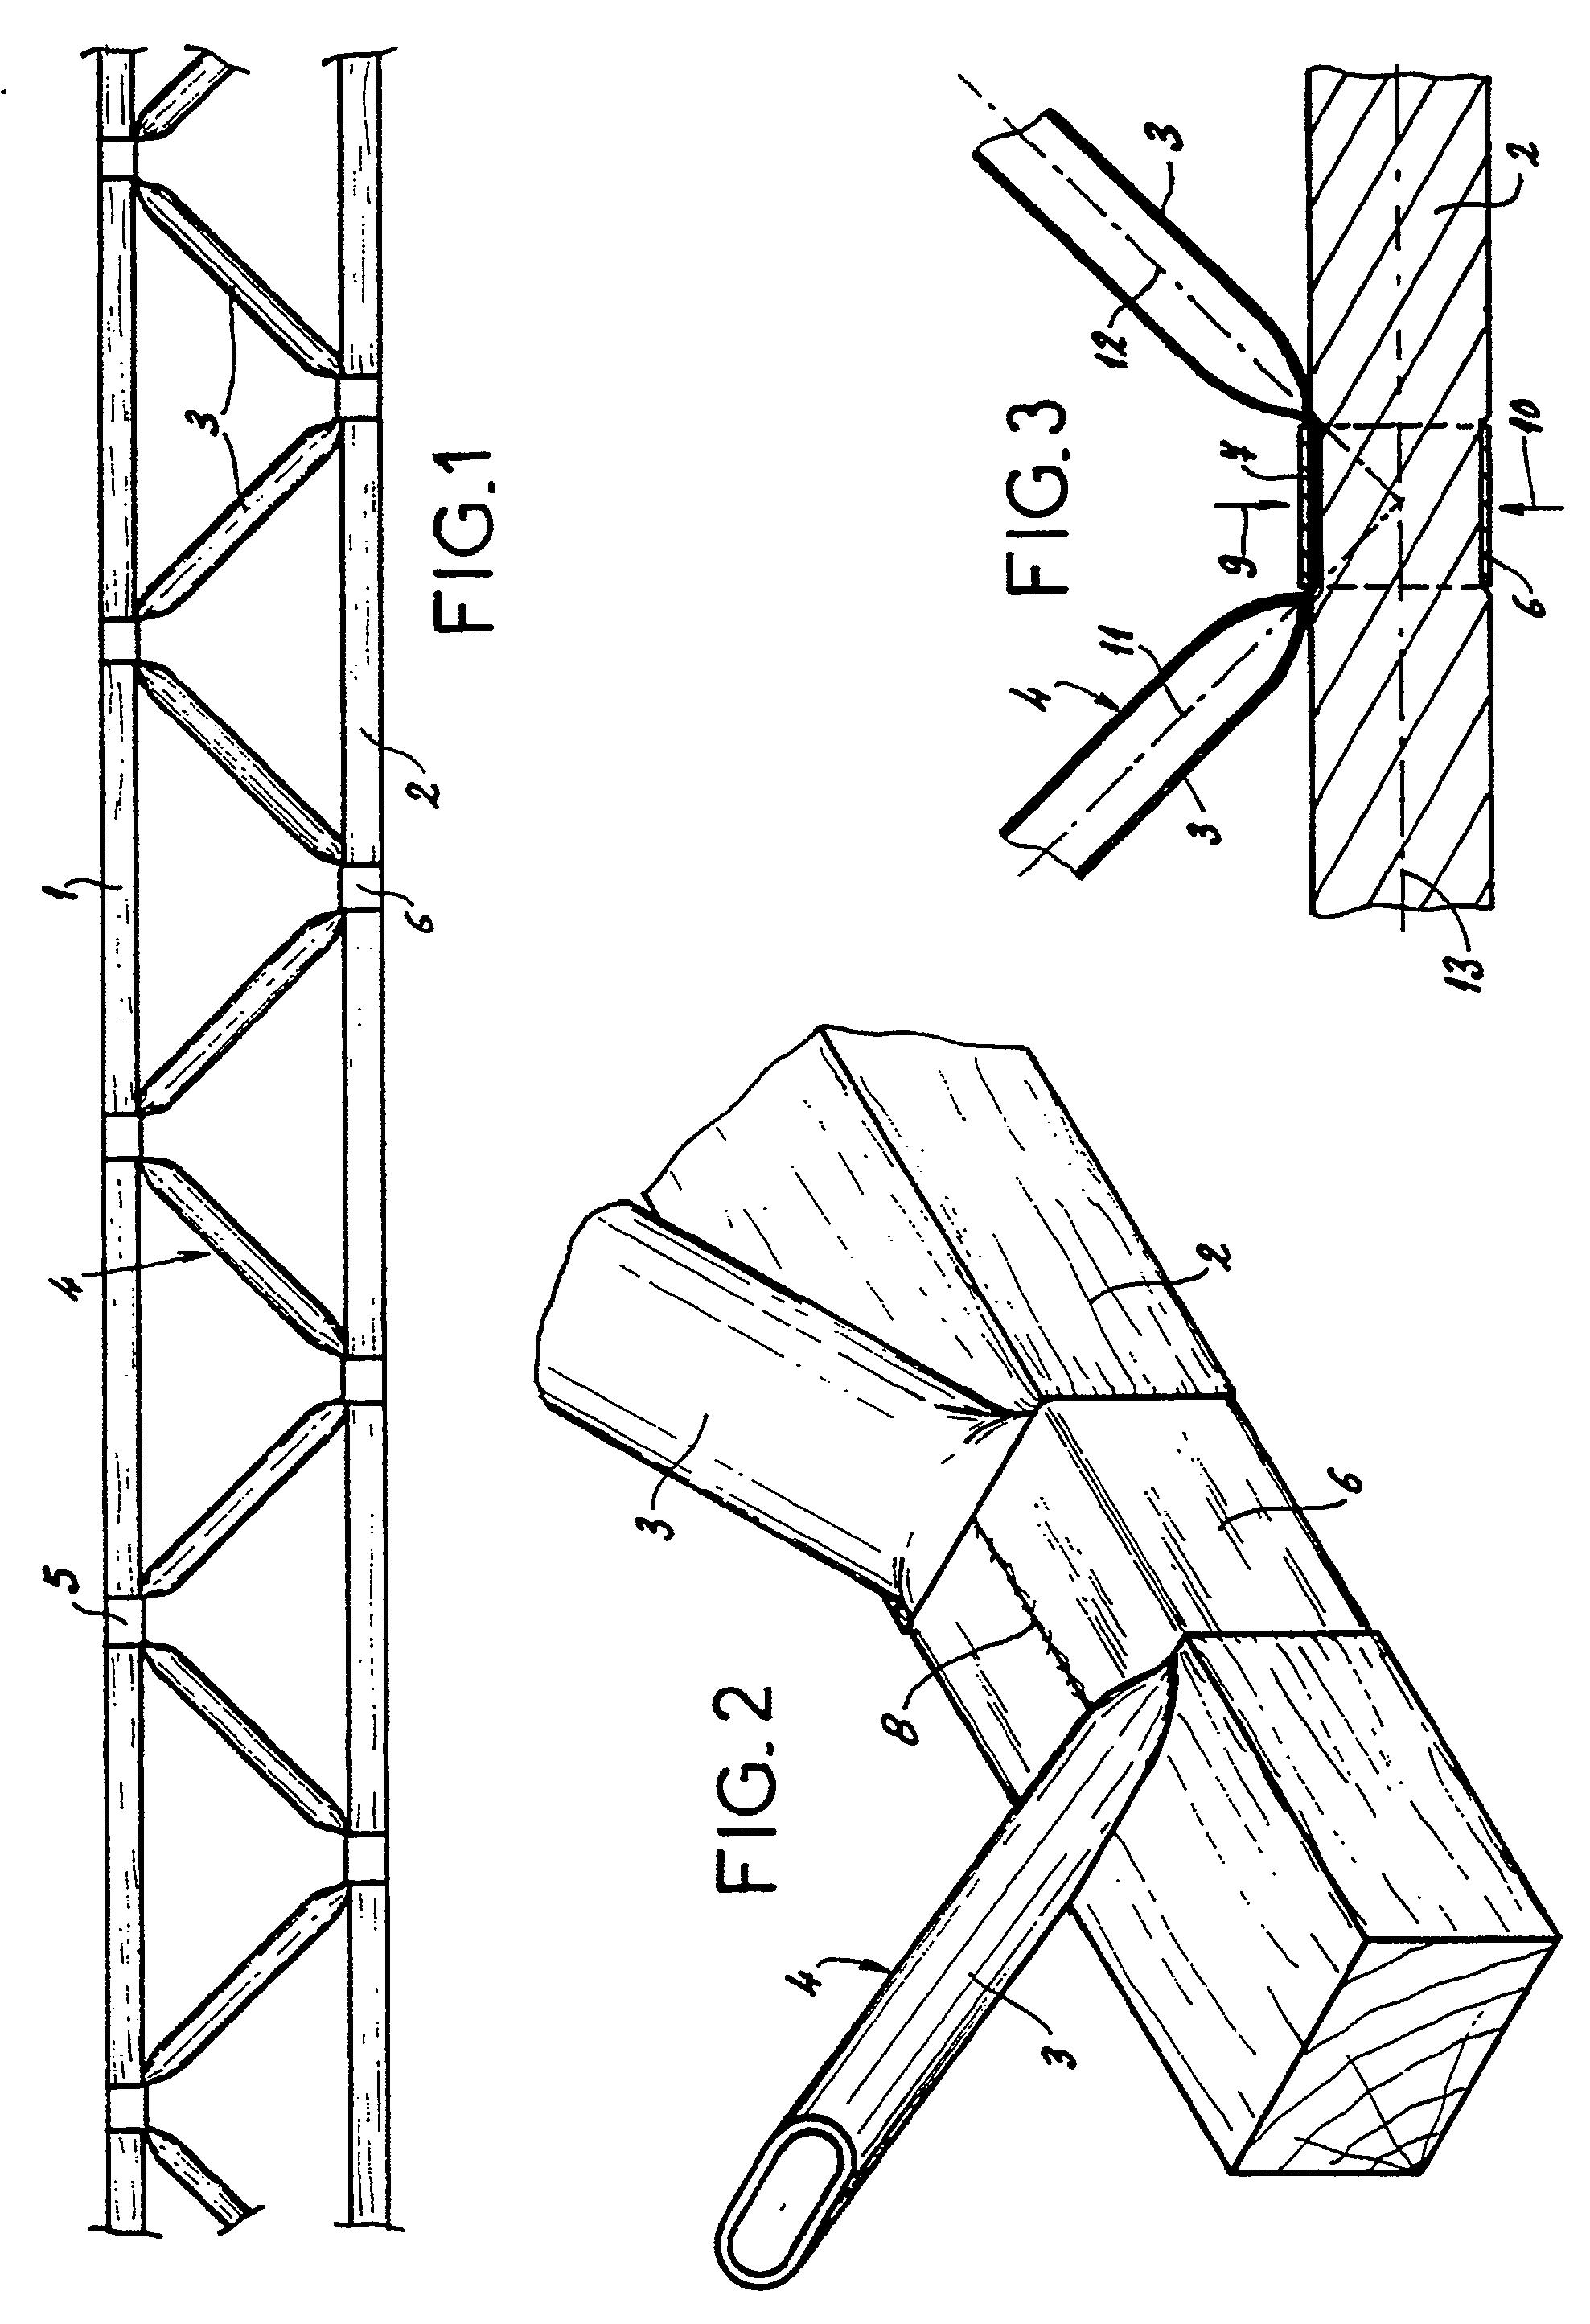 patent ep0282424b1 poutre treillis en bois et m tal. Black Bedroom Furniture Sets. Home Design Ideas